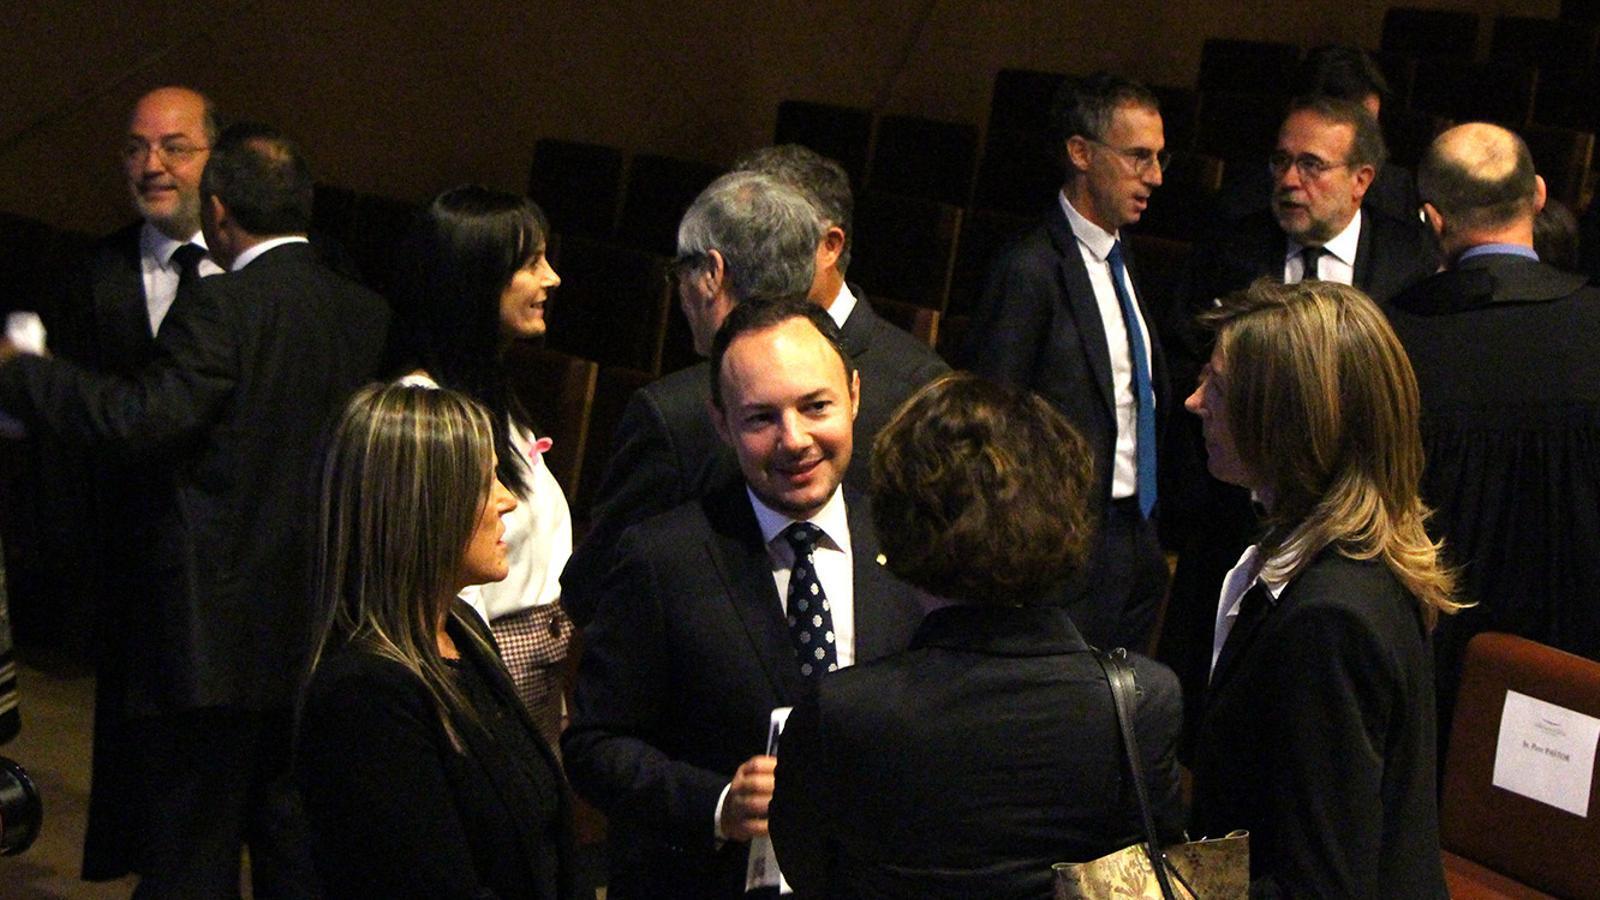 El ministre d'Afers Socials, Justícia i Interior, Xavier Espot, conversant amb assistents a l'obertura de l'any judicial aquest divendres. / M. F. (ANA)